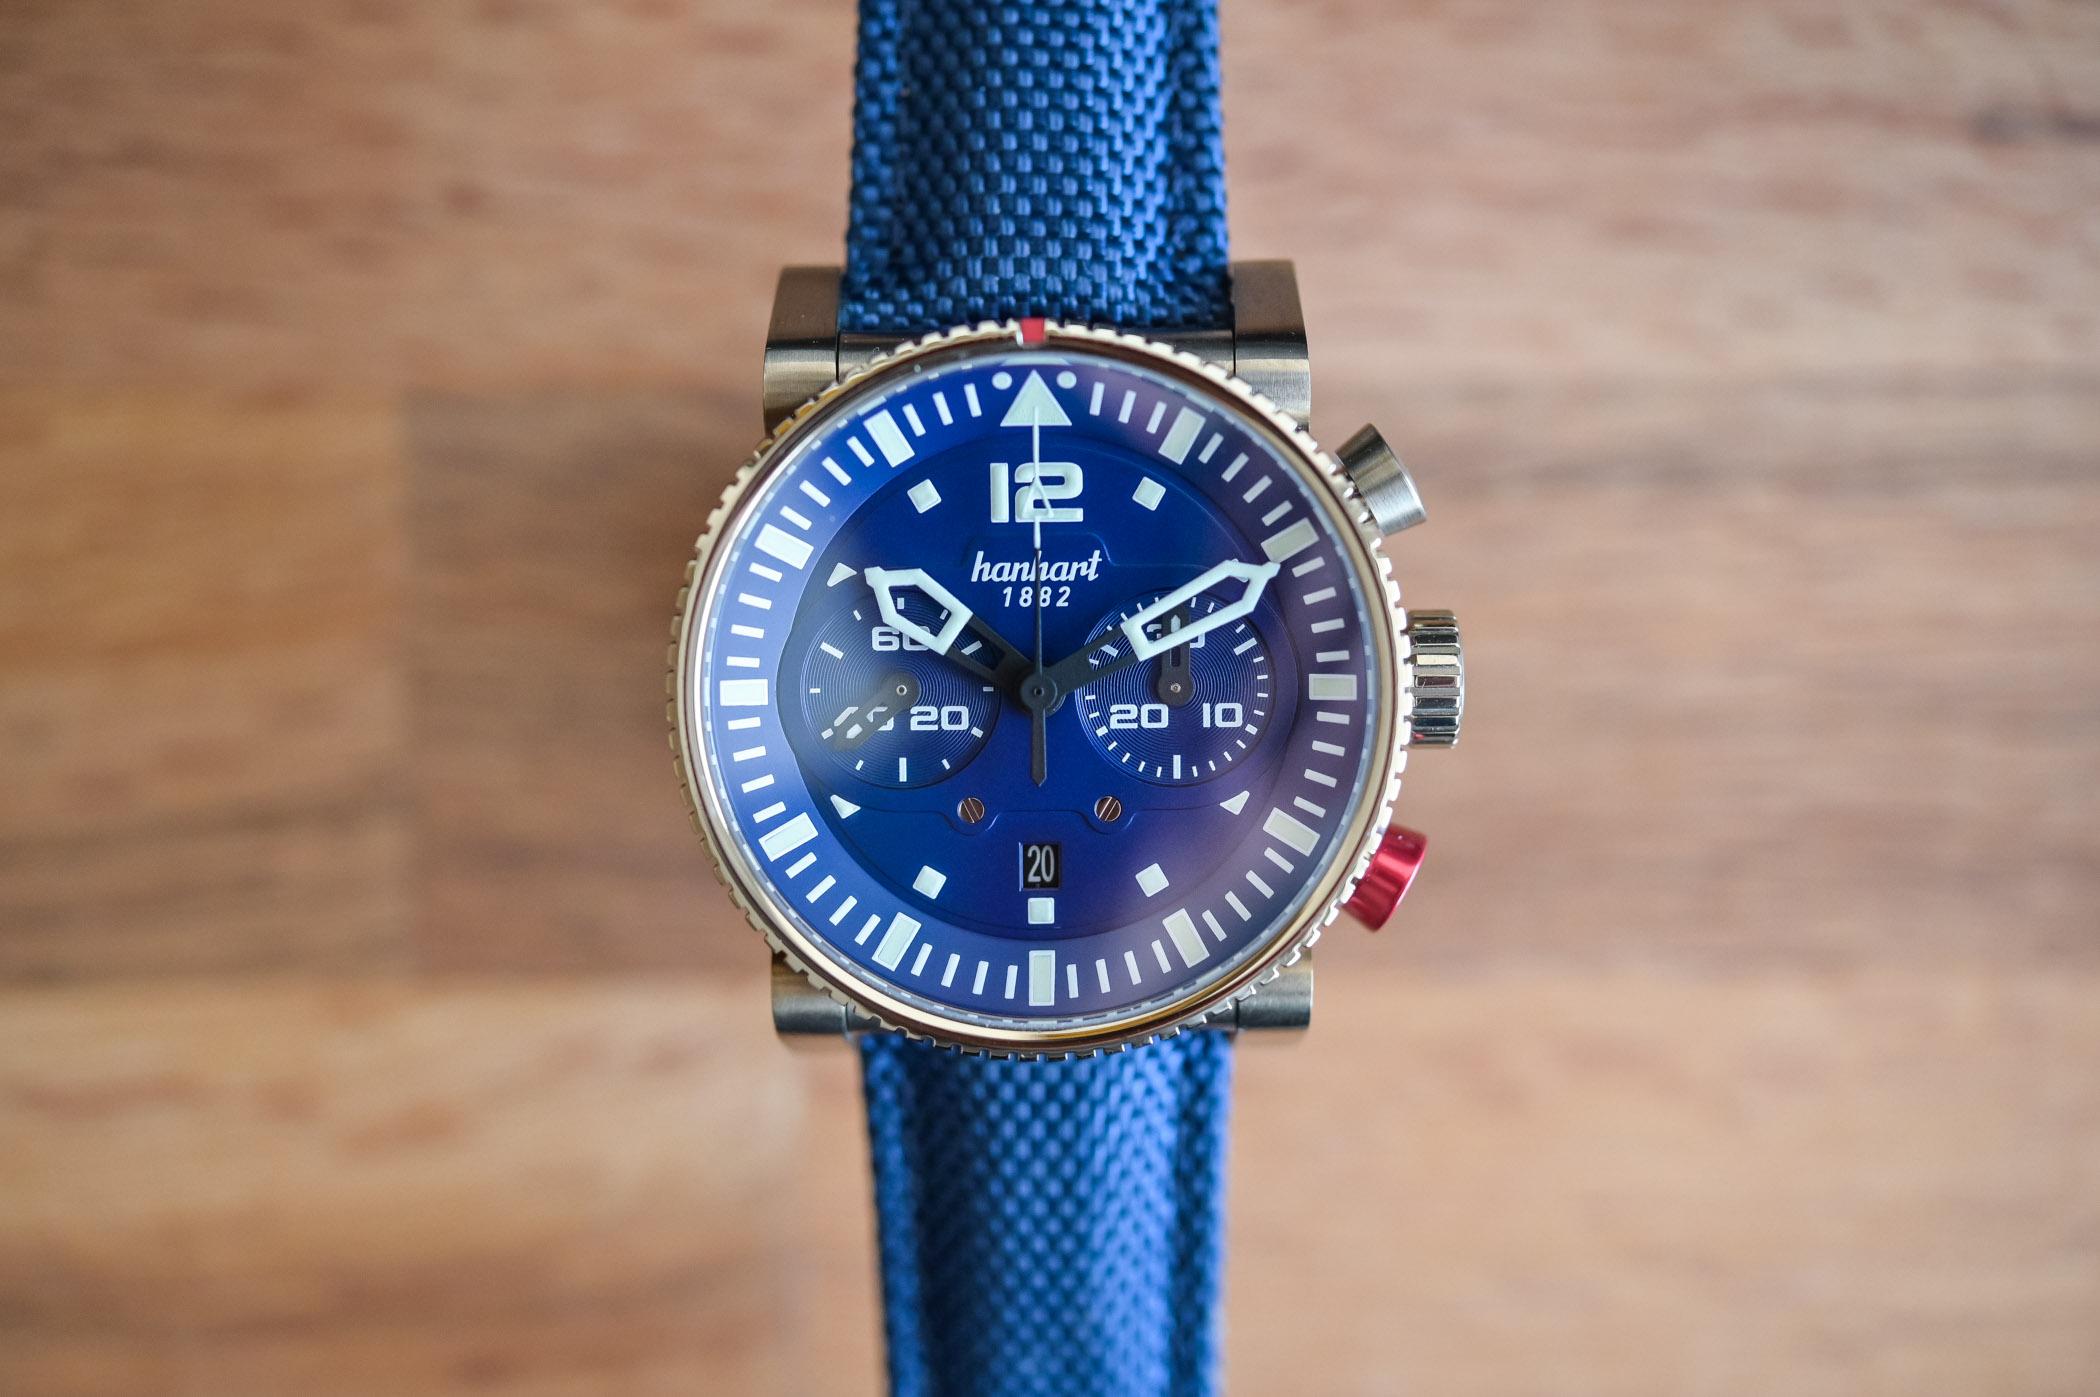 Hanhart Primus Nautic Pilot Bronze Chronograph